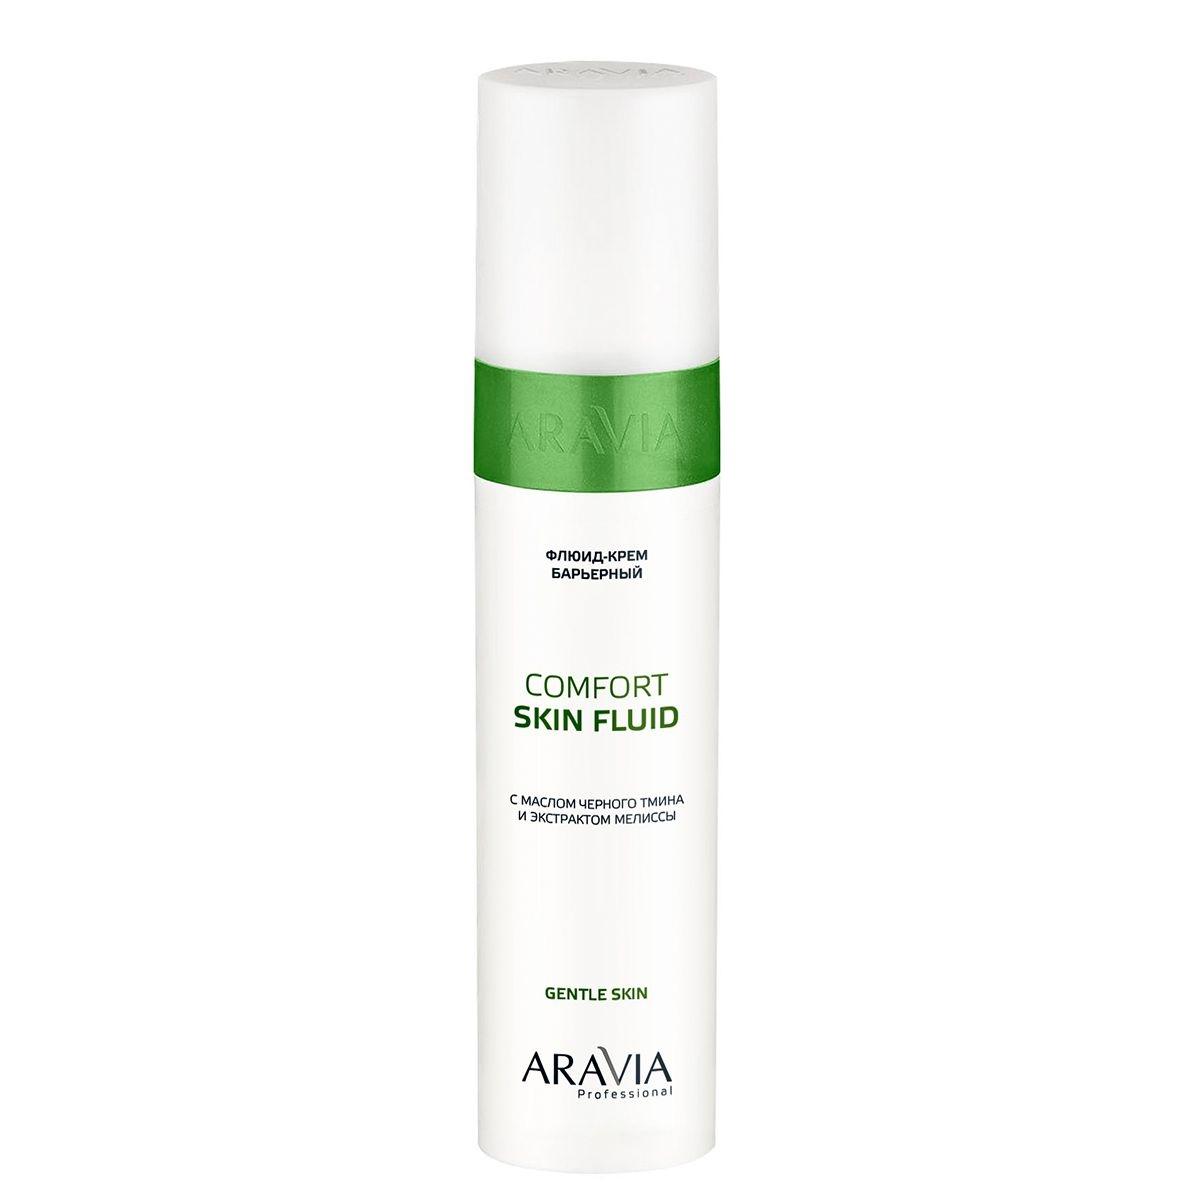 ARAVIA Флюид-Крем Comfort Skin Fluid Барьерный с Маслом Чёрного Тмина и Экстрактом Мелиссы, 250 мл